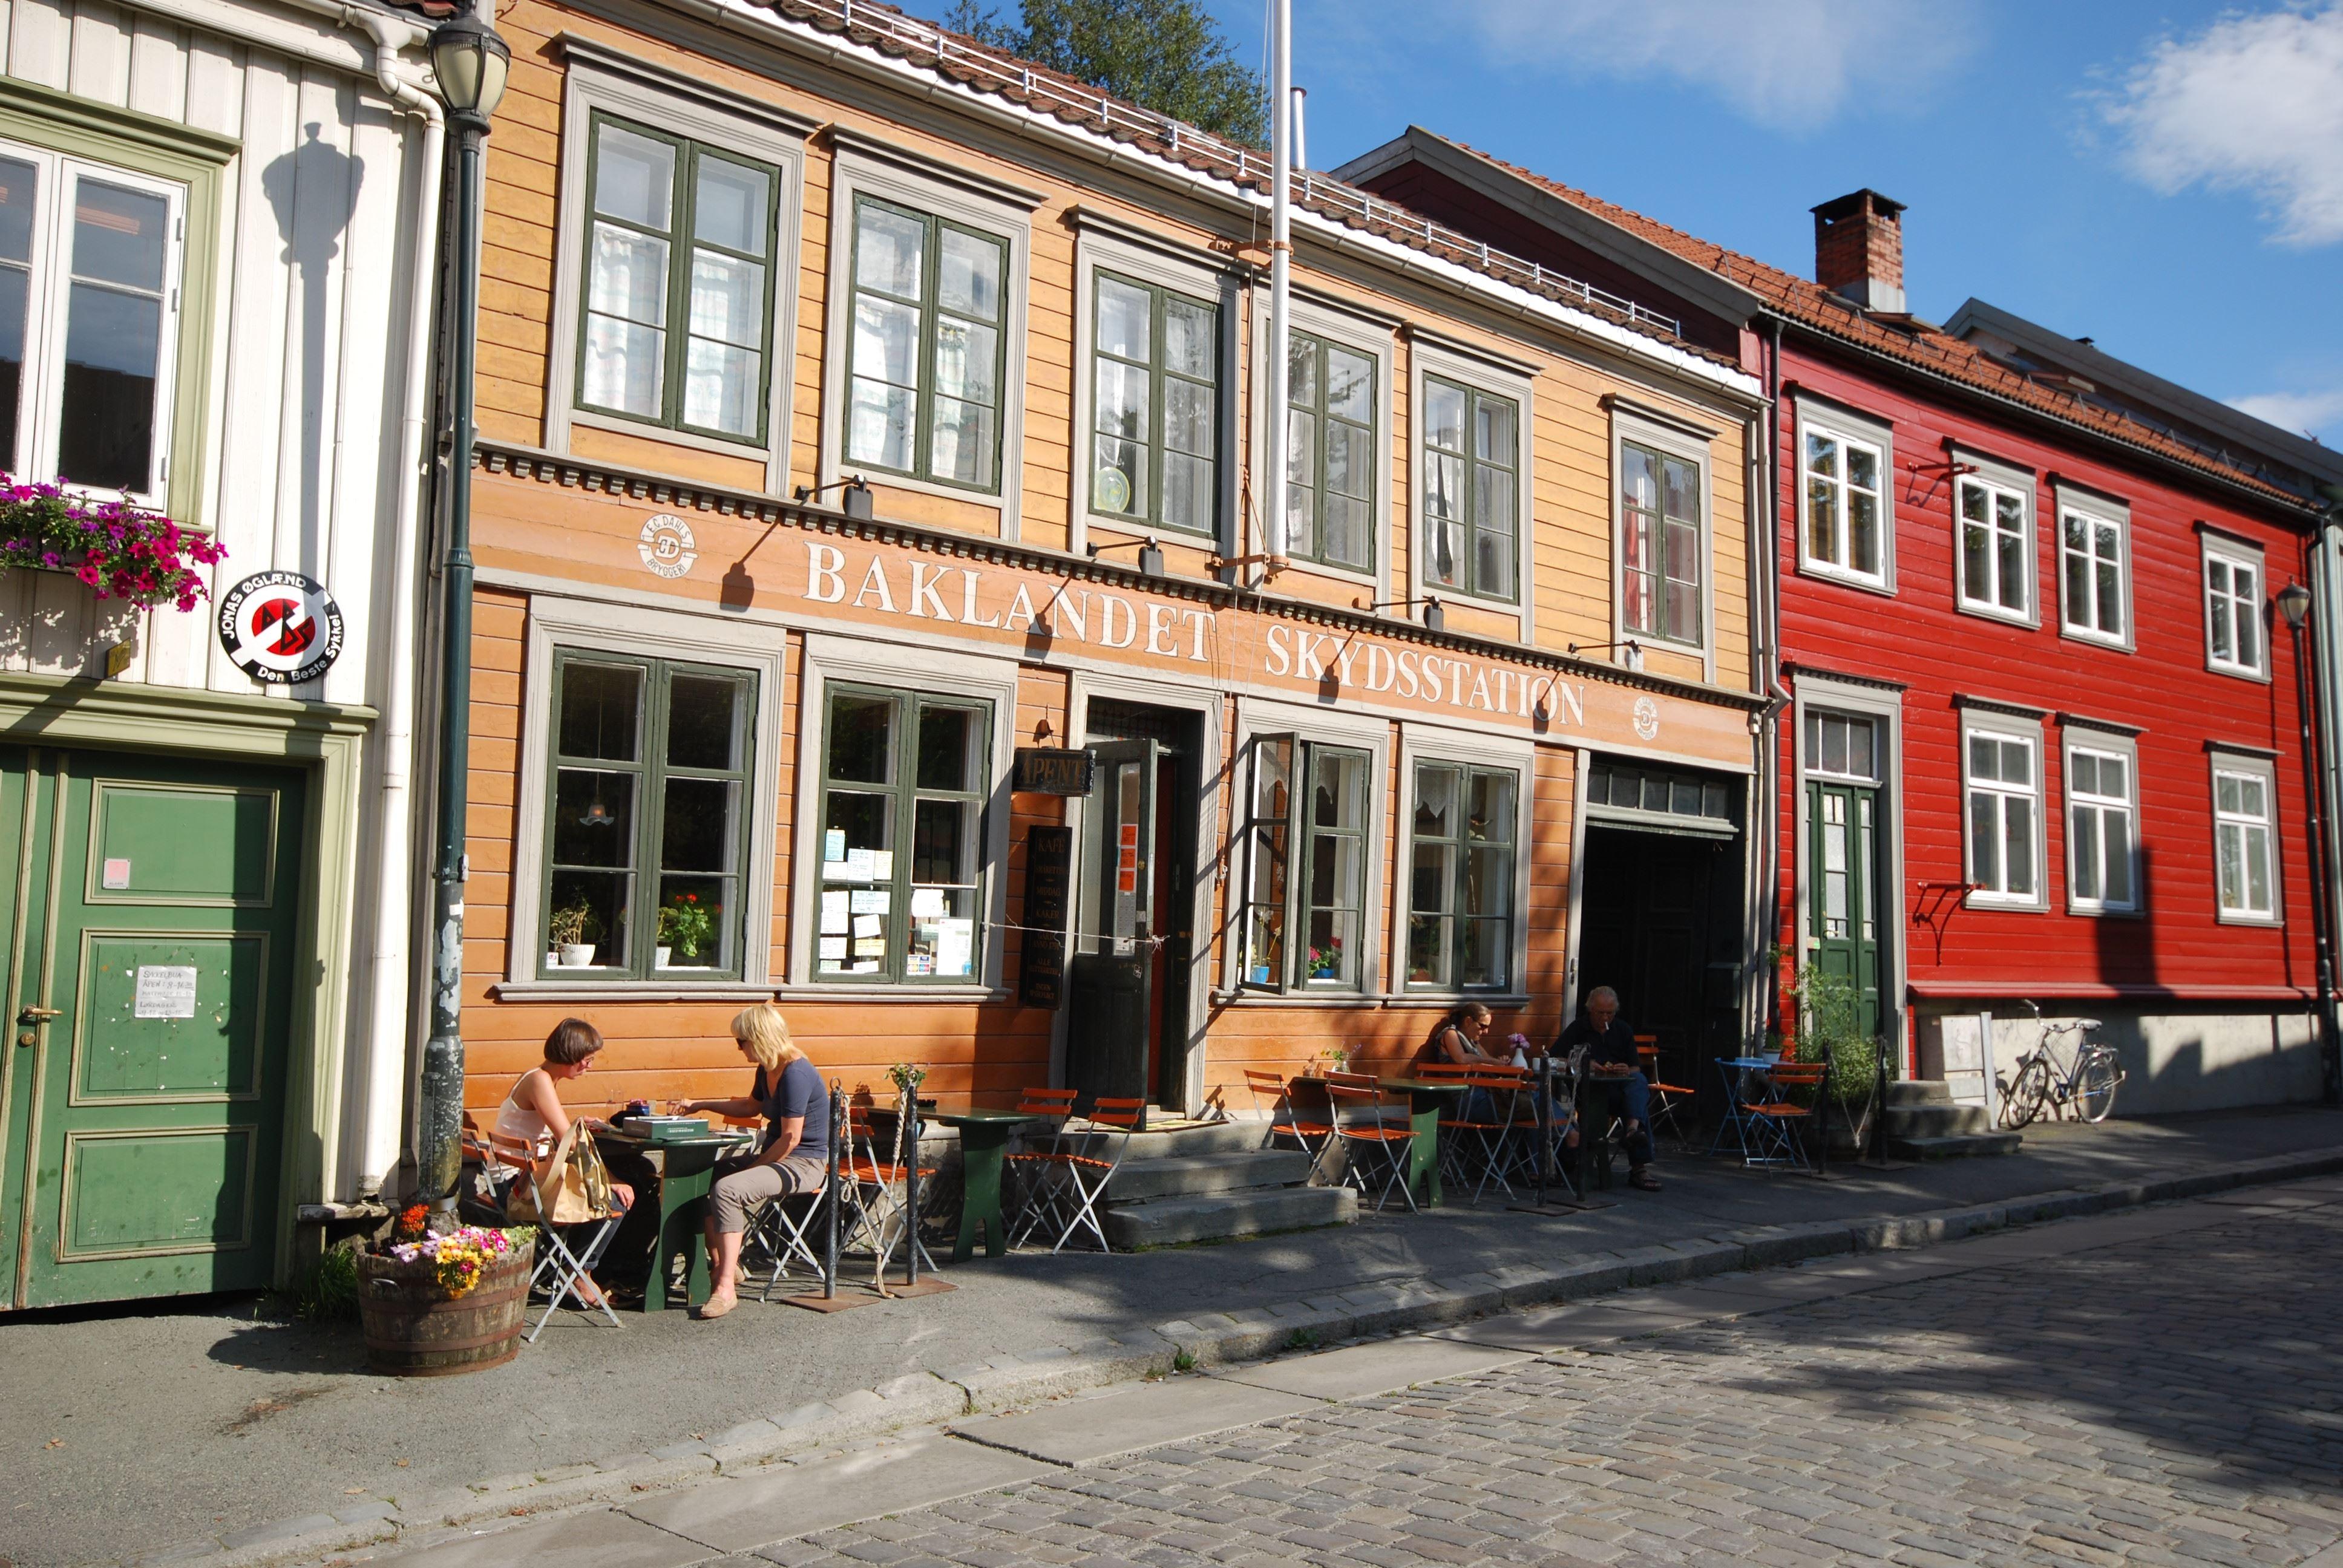 Baklandet Skydsstation, Byens mest sjarmerende café